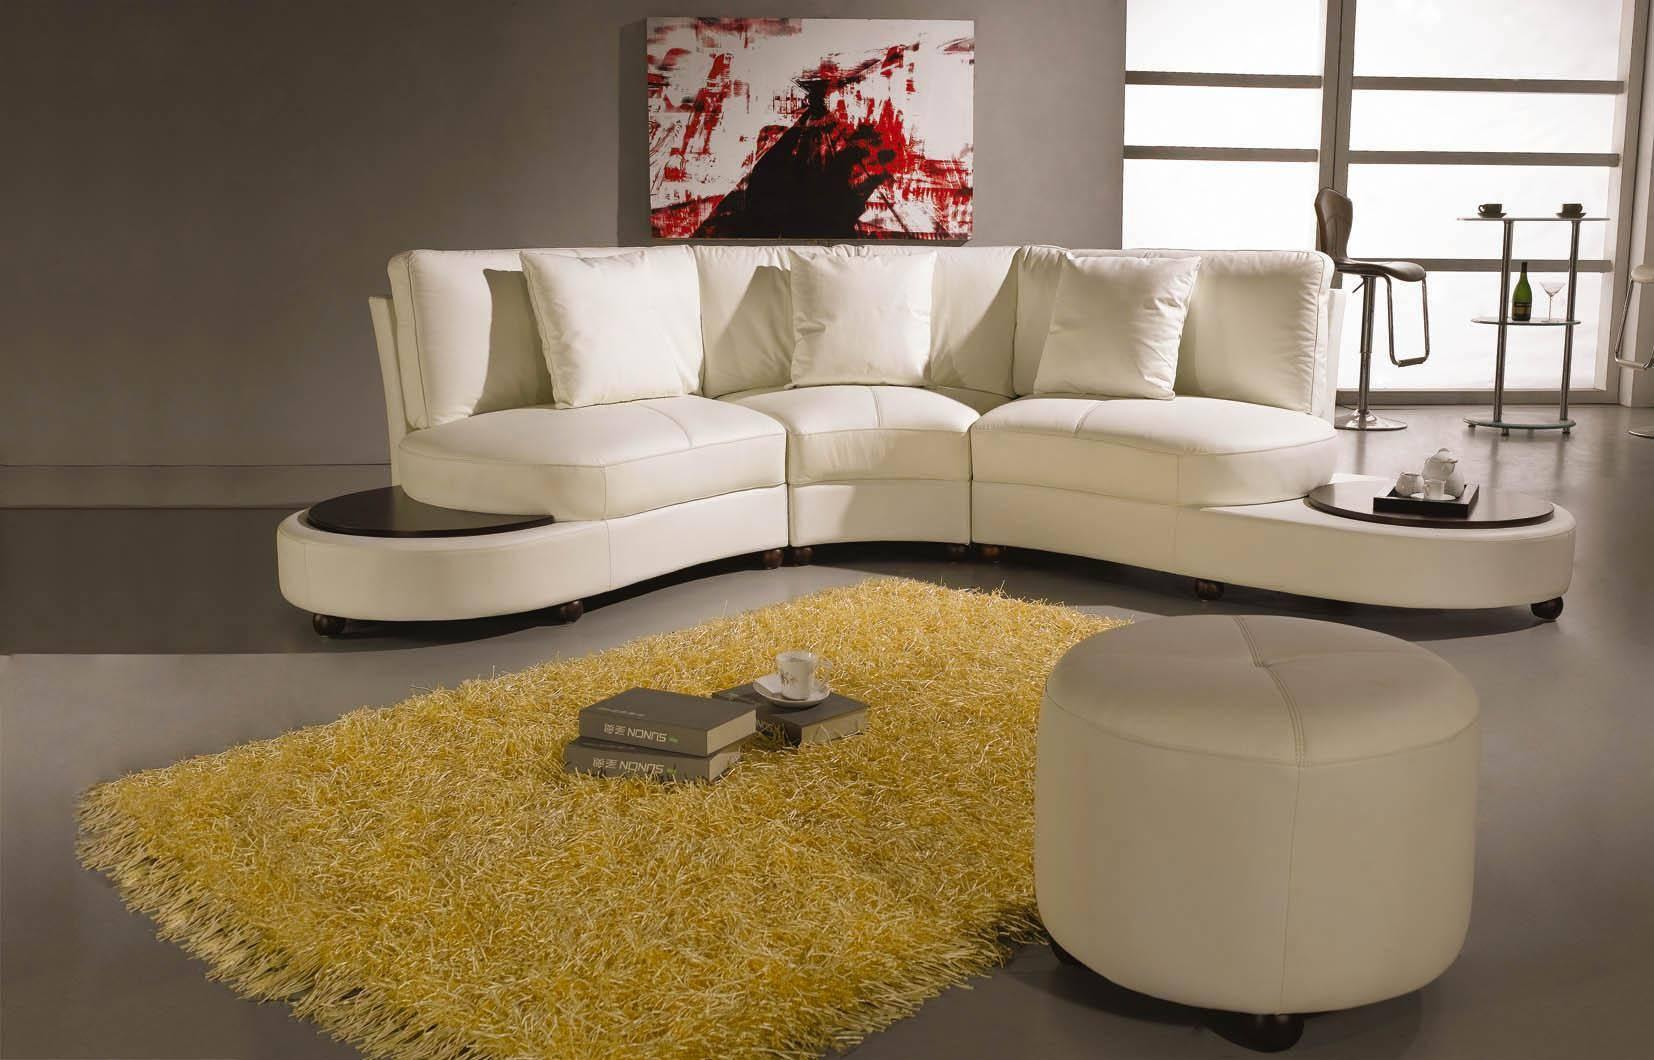 Синий диван (64 фото): как сочетать модели темно-синего цвета в интерьере, бархатный большой и красивый со вставками зебры, тканевый